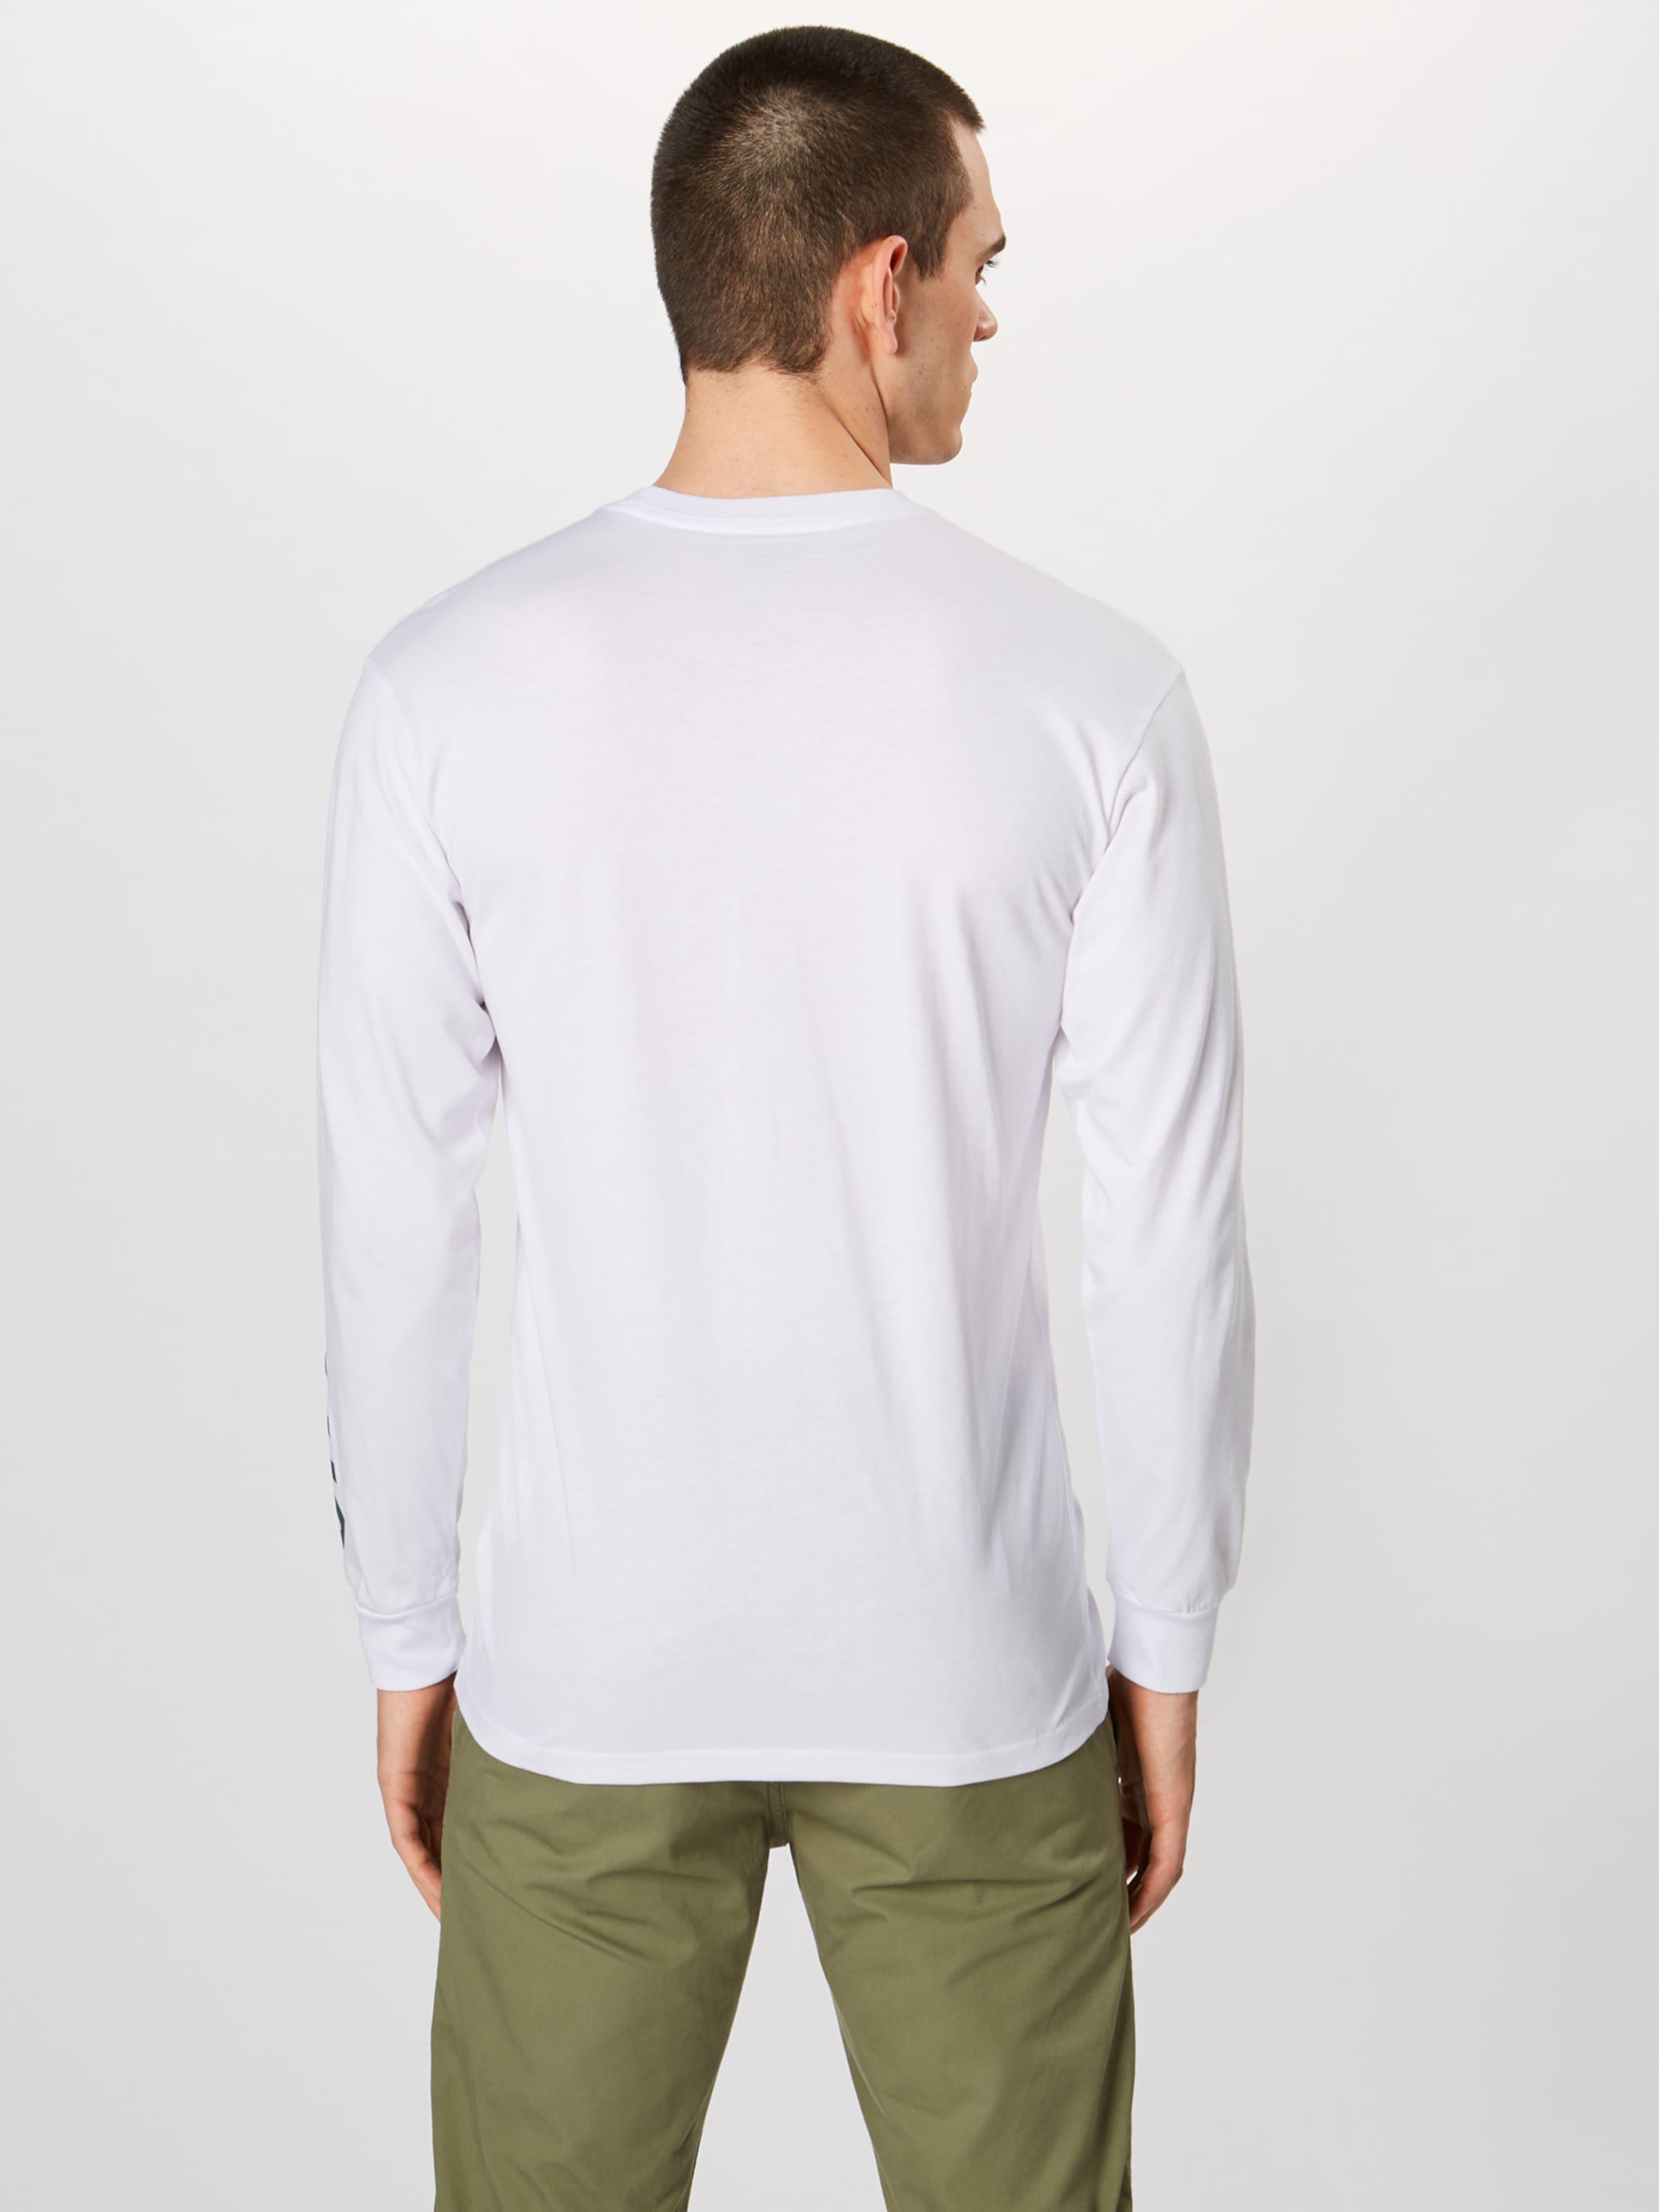 Vans Performance shirt NoirBlanc Ls' 'distorted T En TPOkXiwulZ